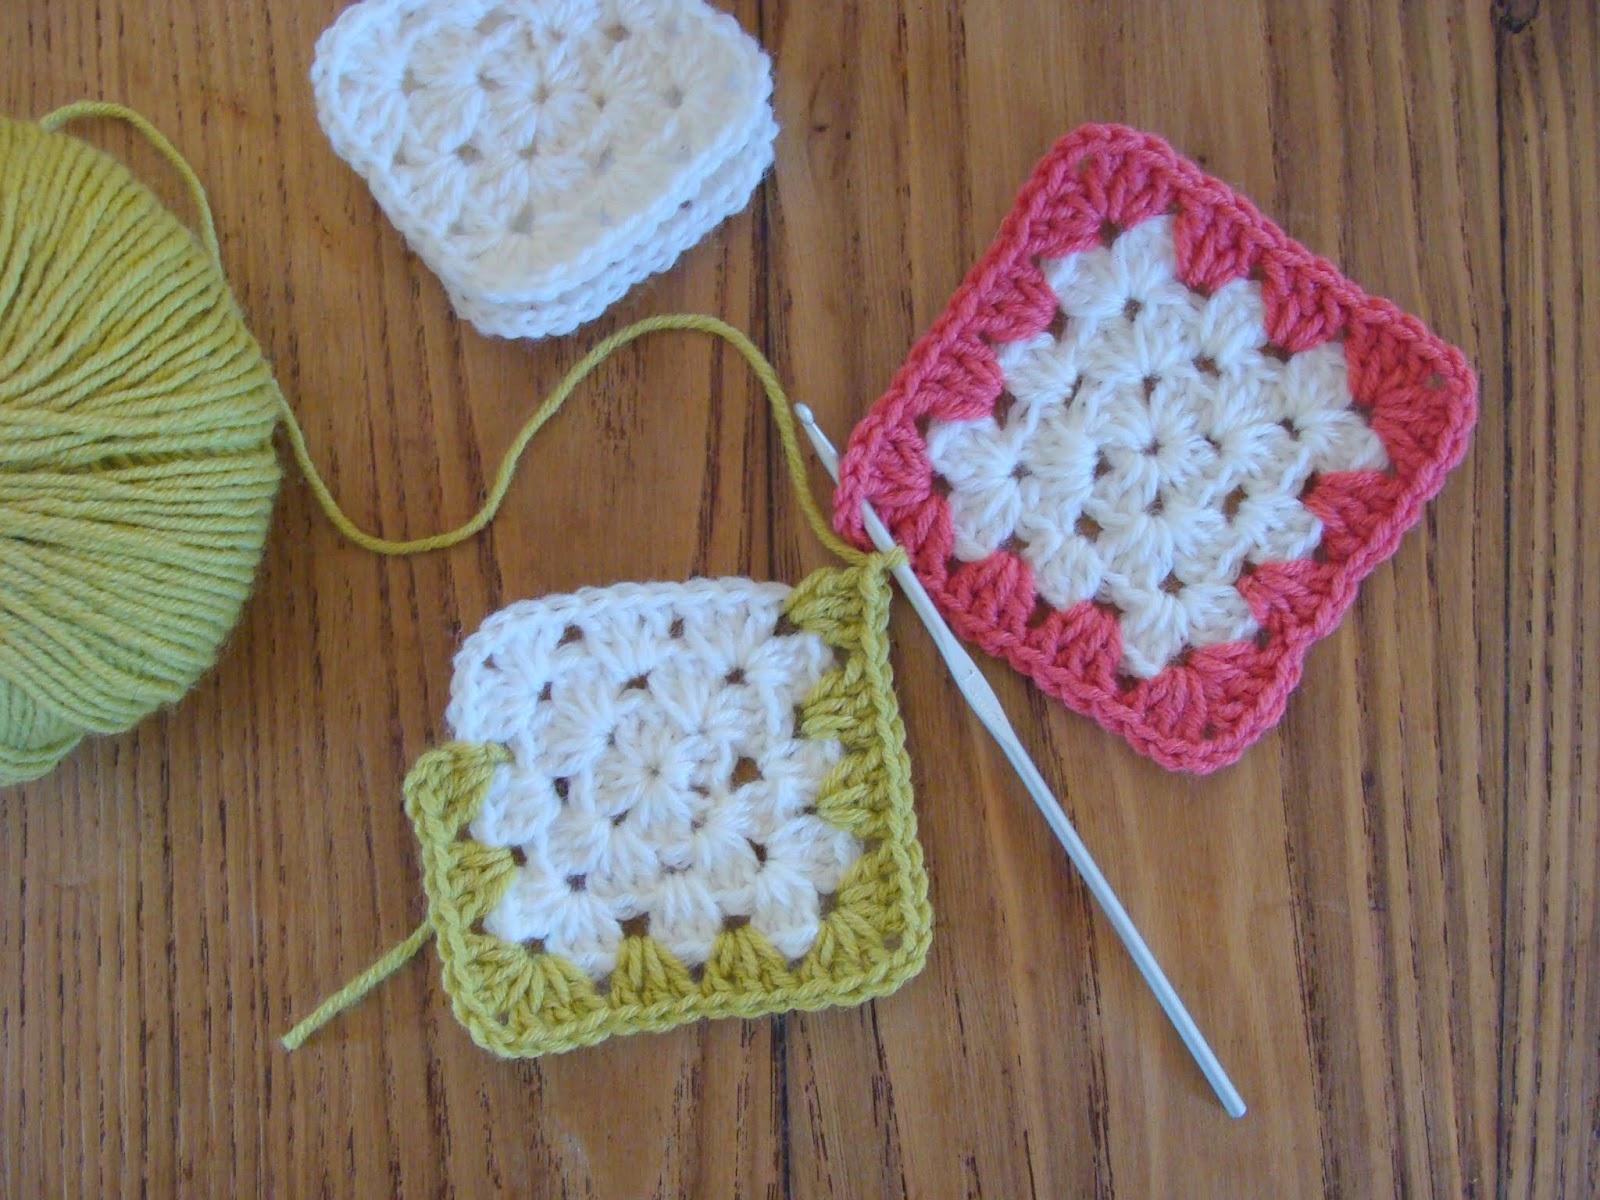 Piastrelle uncinetto per coperte: piastrella semplice all uncinetto